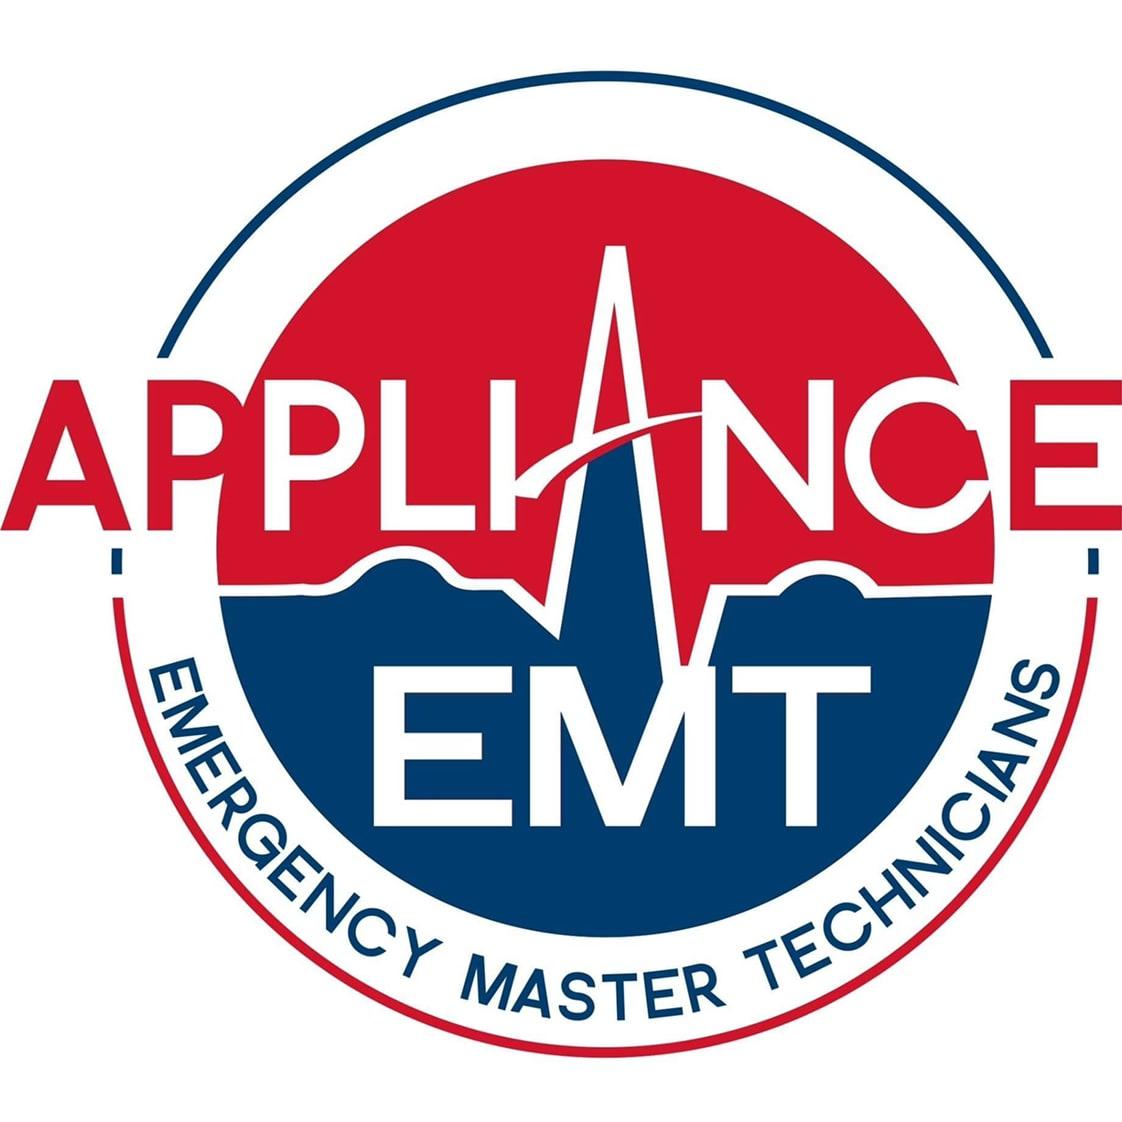 Appliance EMT logo